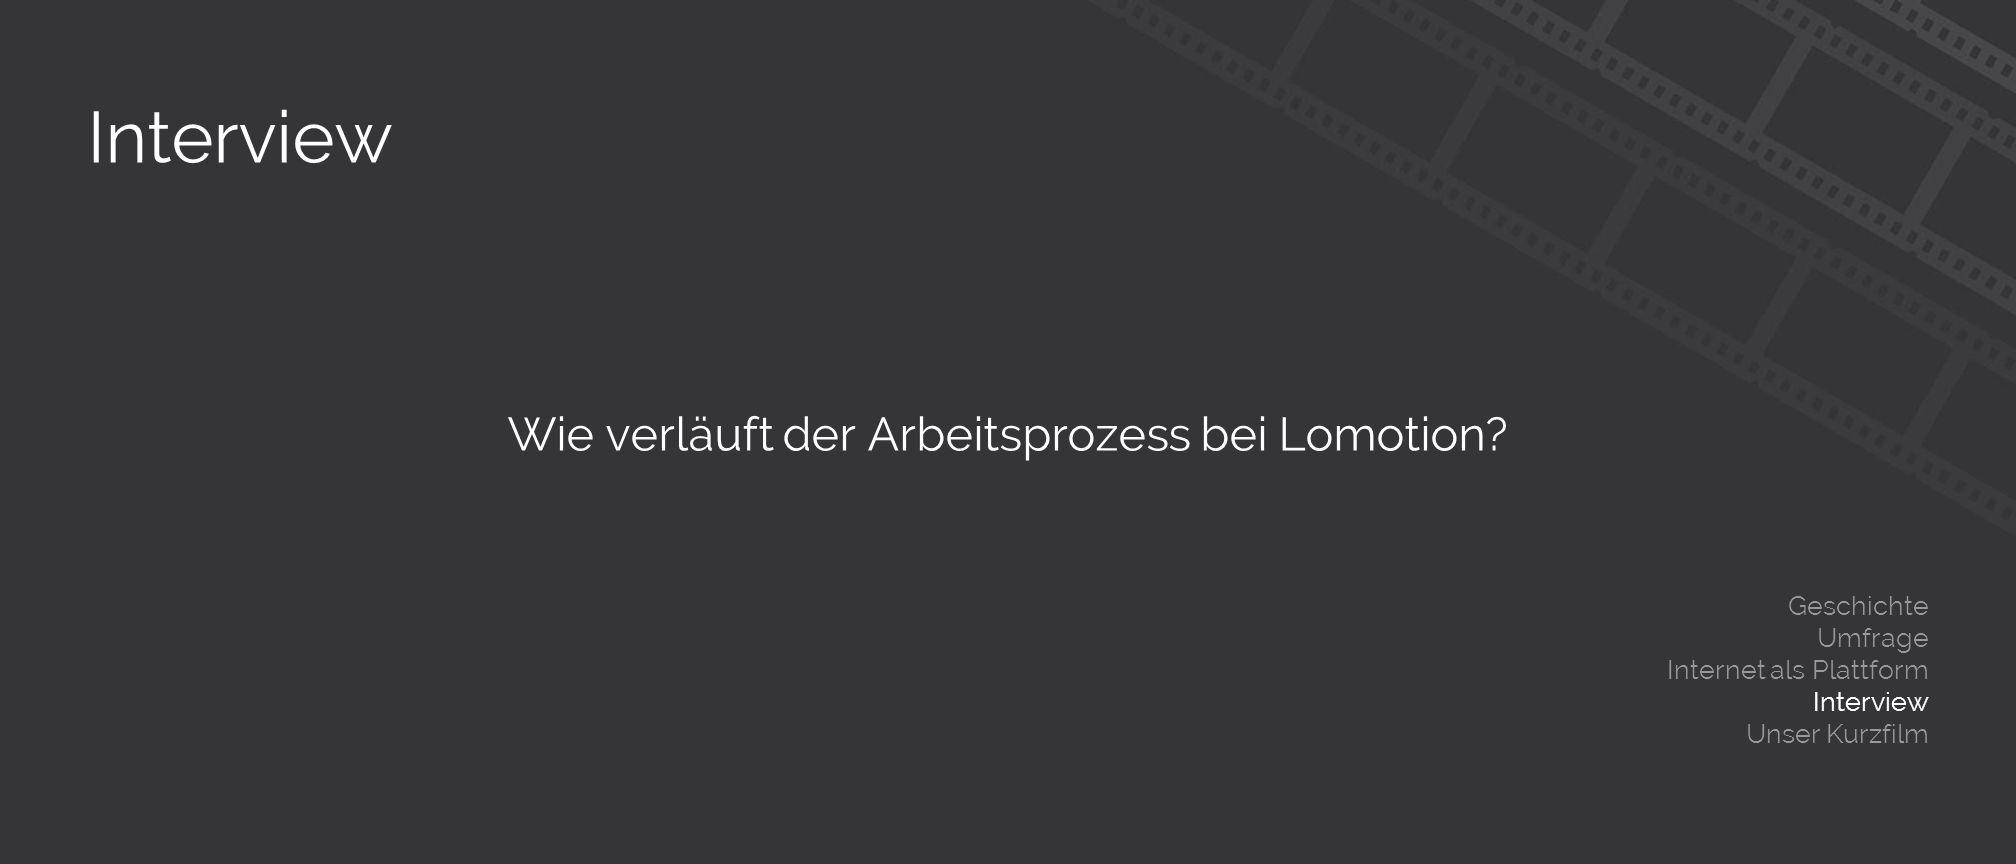 Interview Wie verläuft der Arbeitsprozess bei Lomotion.